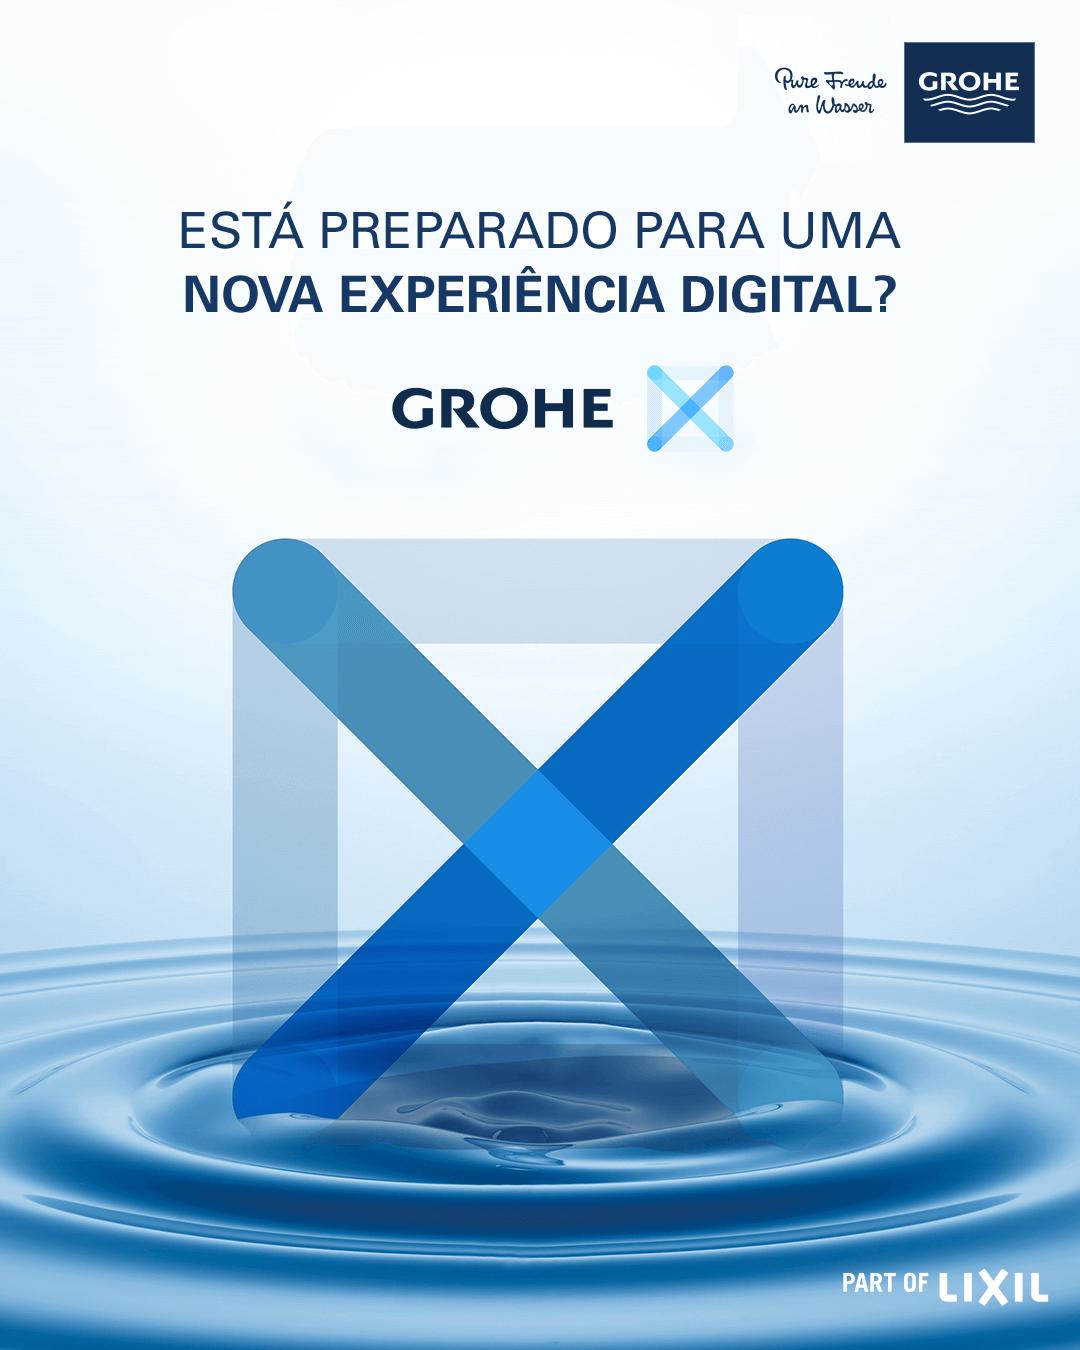 Lançamento mundial da plataforma digital GROHE X